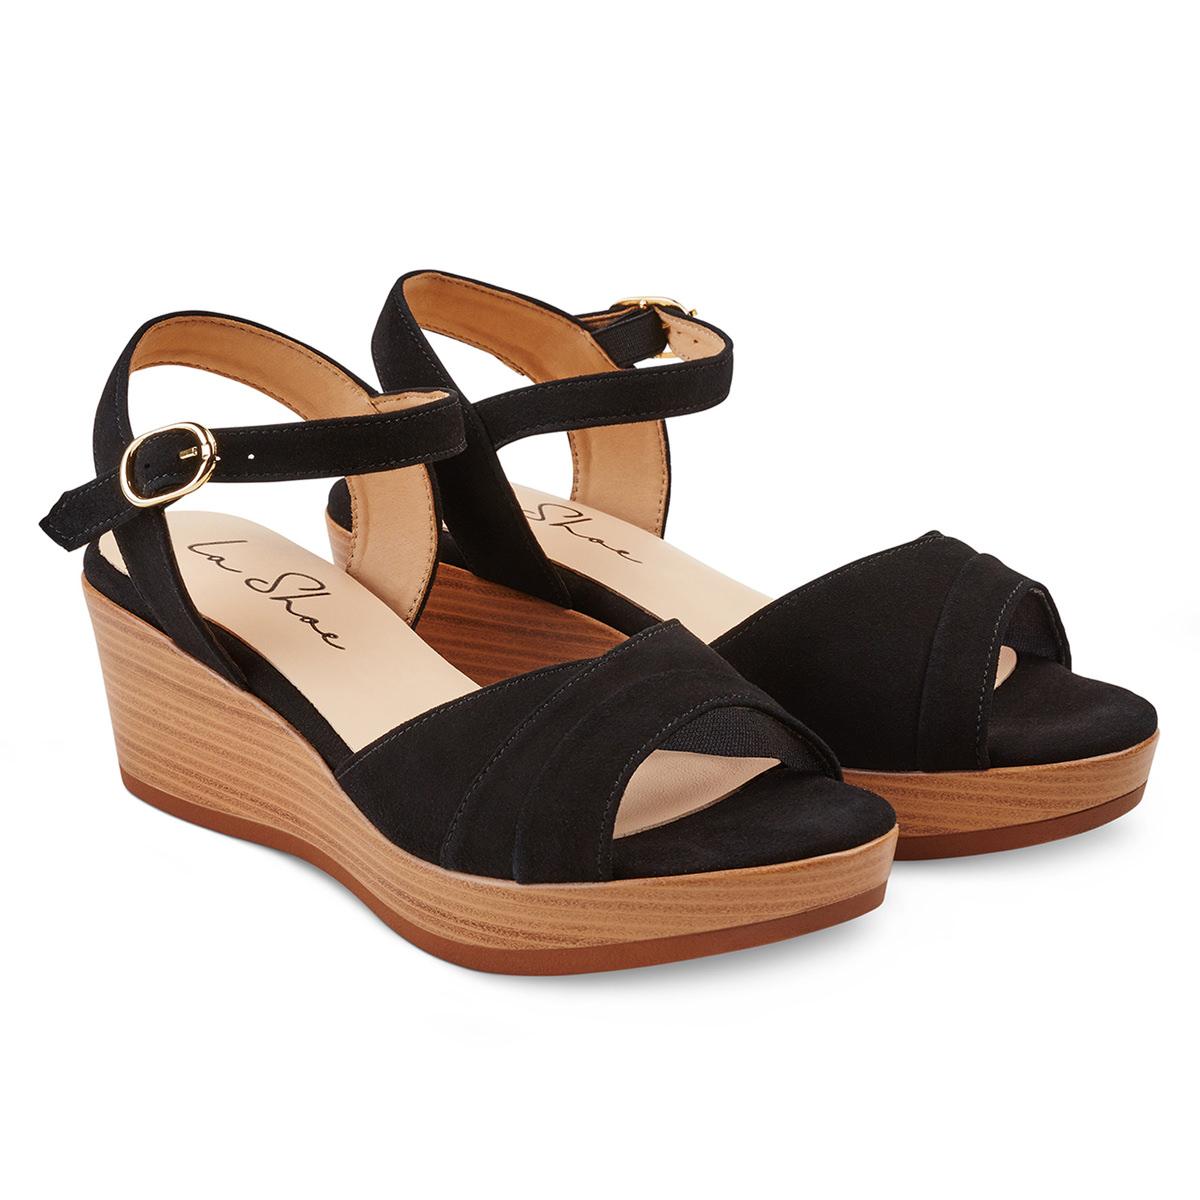 sandale auf keilabsatz schwarz f r hallux valgus kaufen lashoe. Black Bedroom Furniture Sets. Home Design Ideas